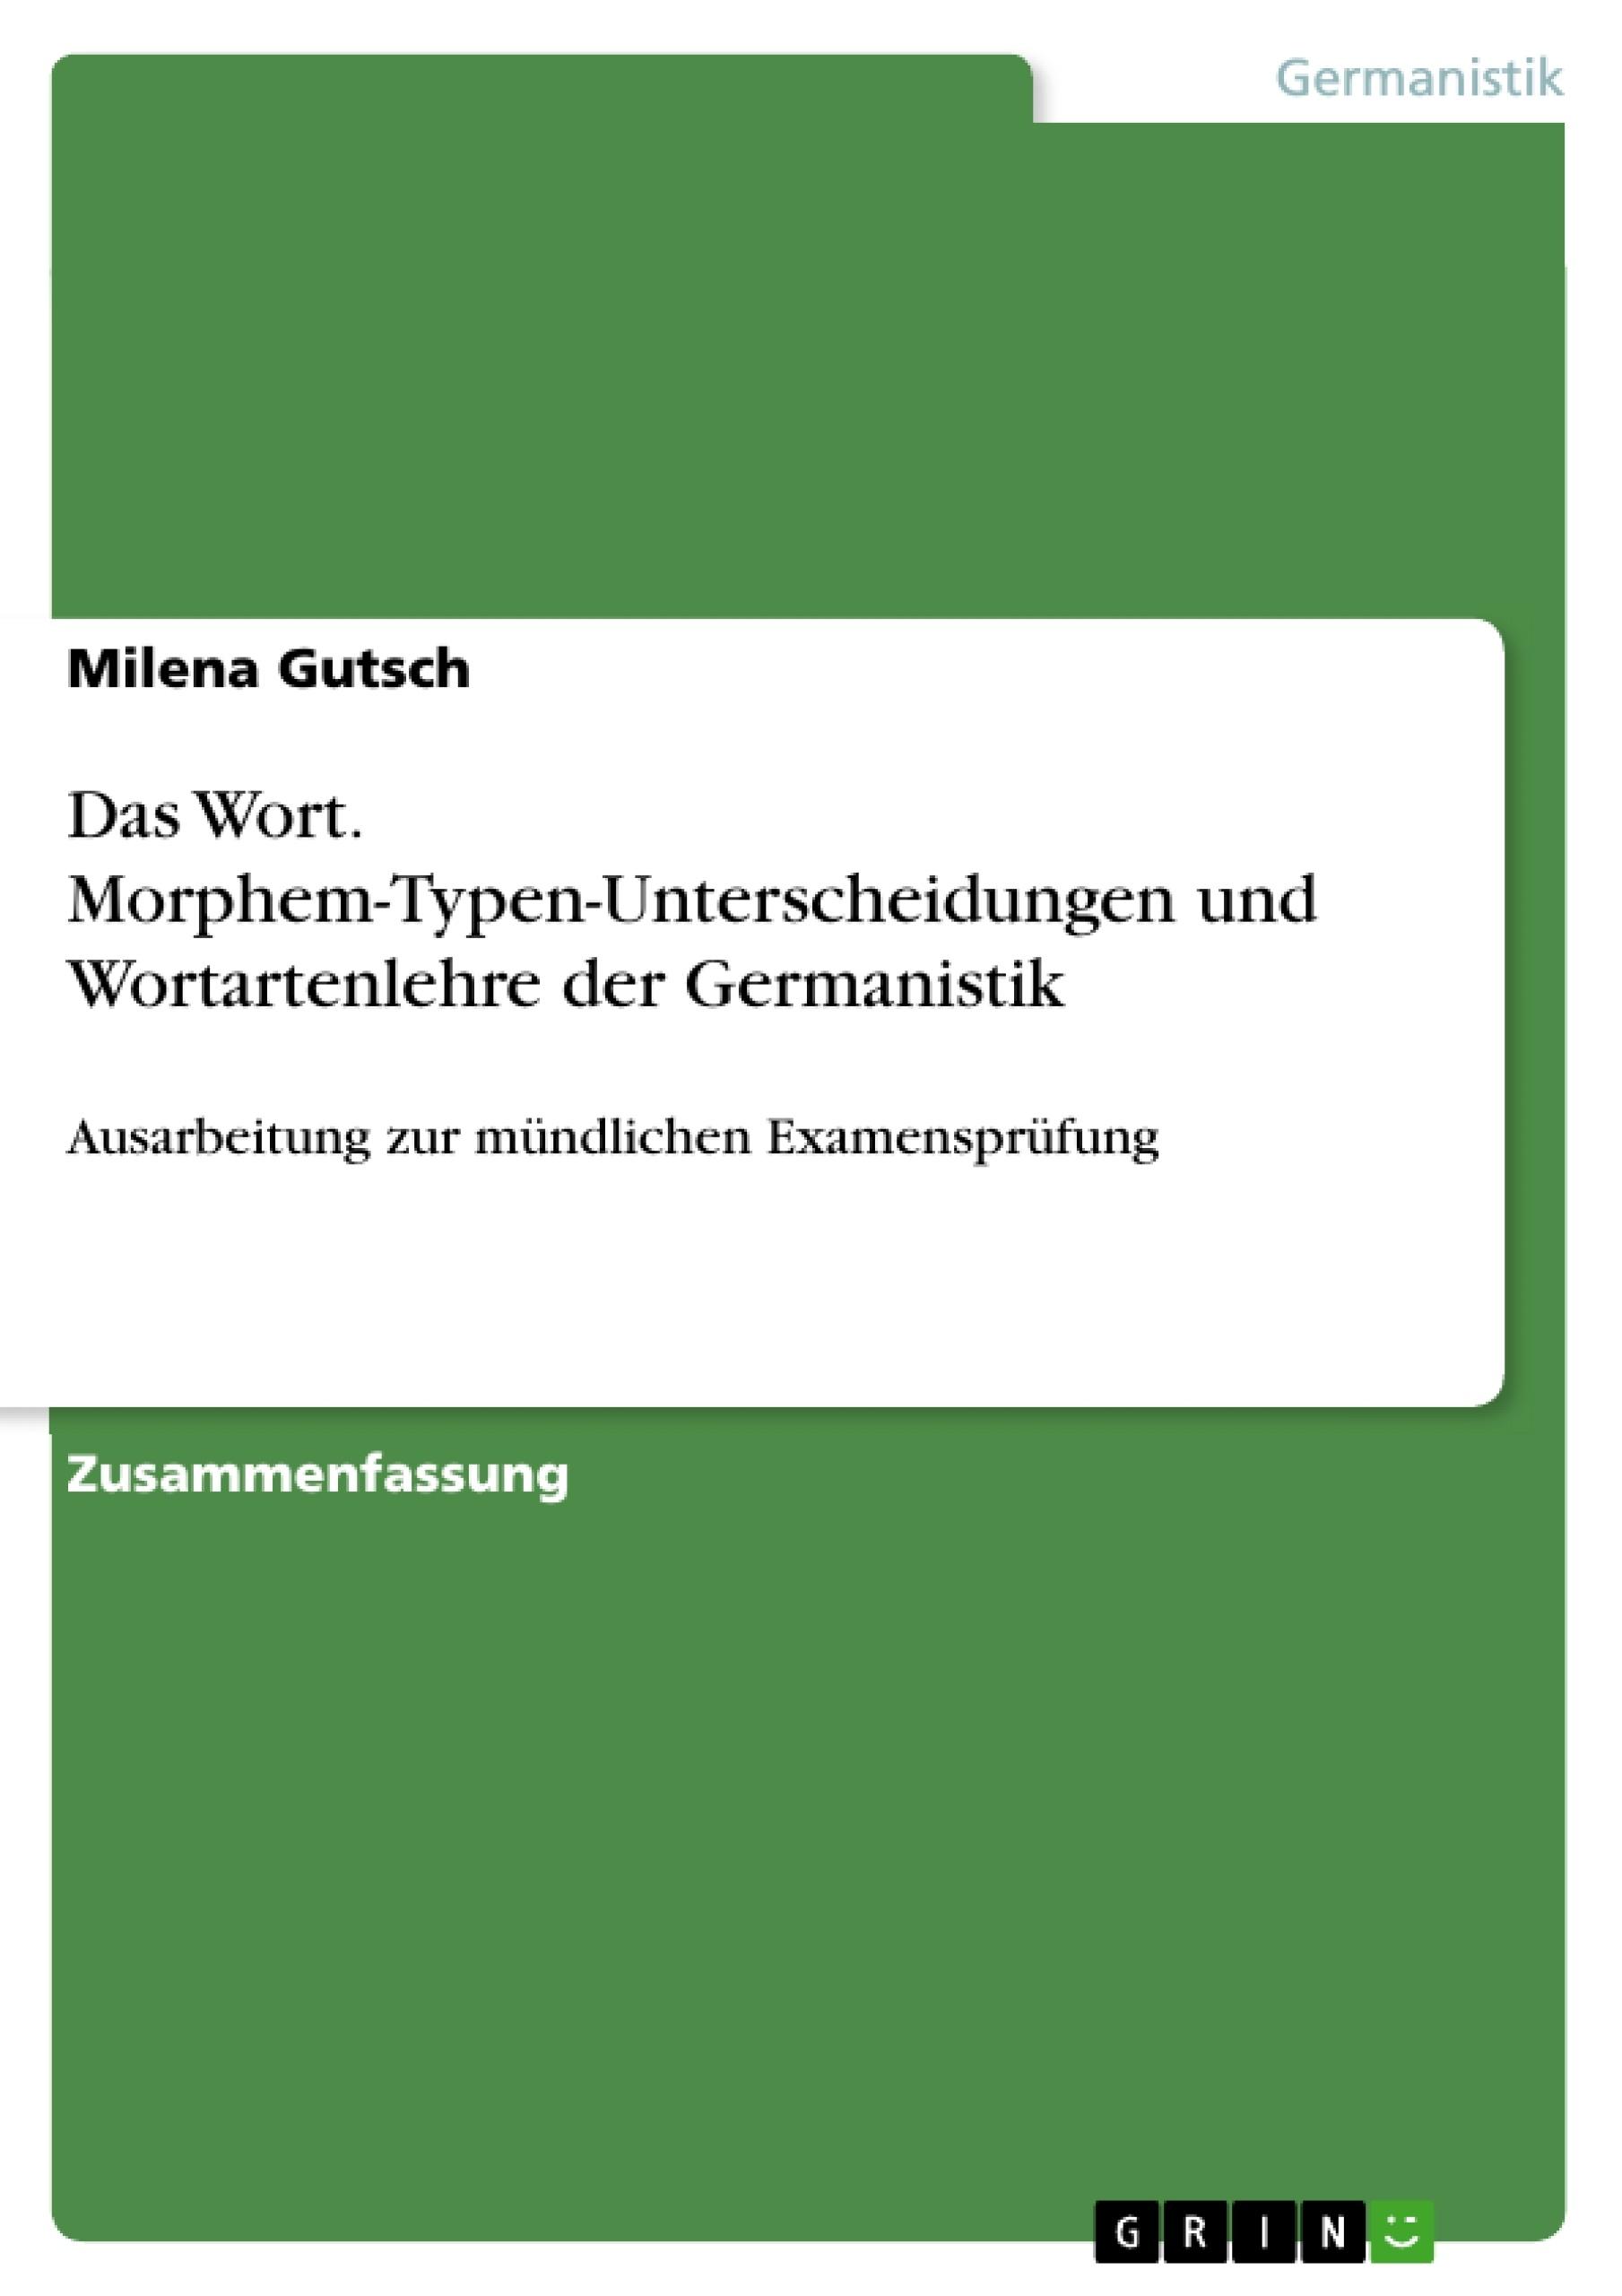 Titel: Das Wort. Morphem-Typen-Unterscheidungen und Wortartenlehre der Germanistik